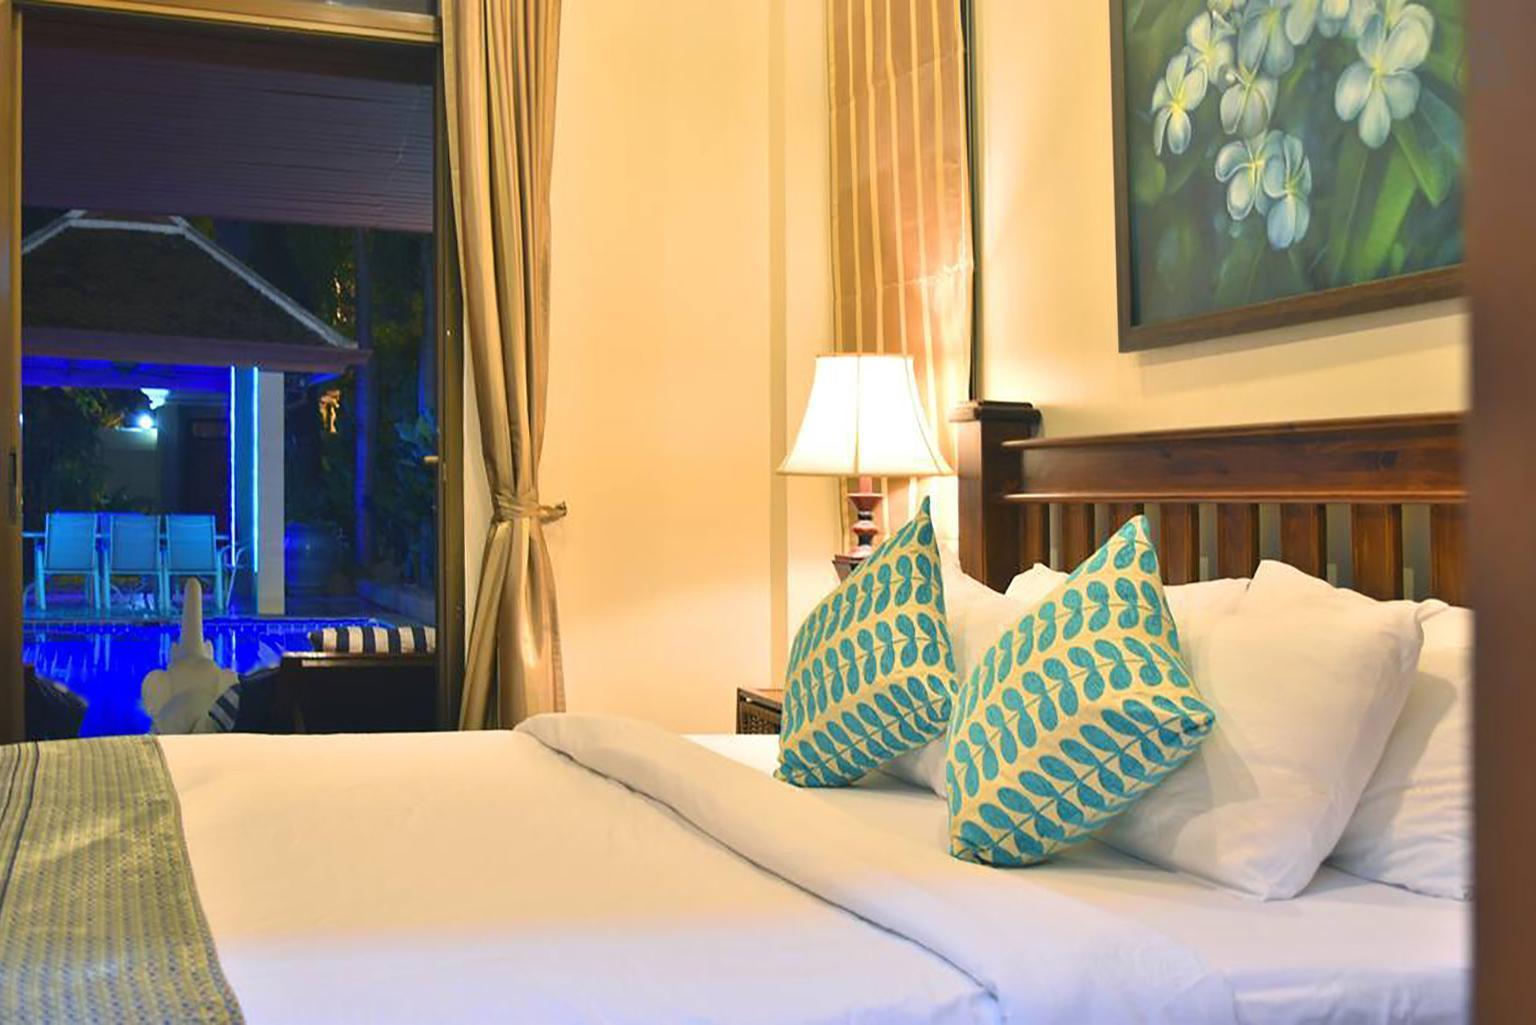 4 Bed Villa Private Pool And BBQ Jomtien Beach